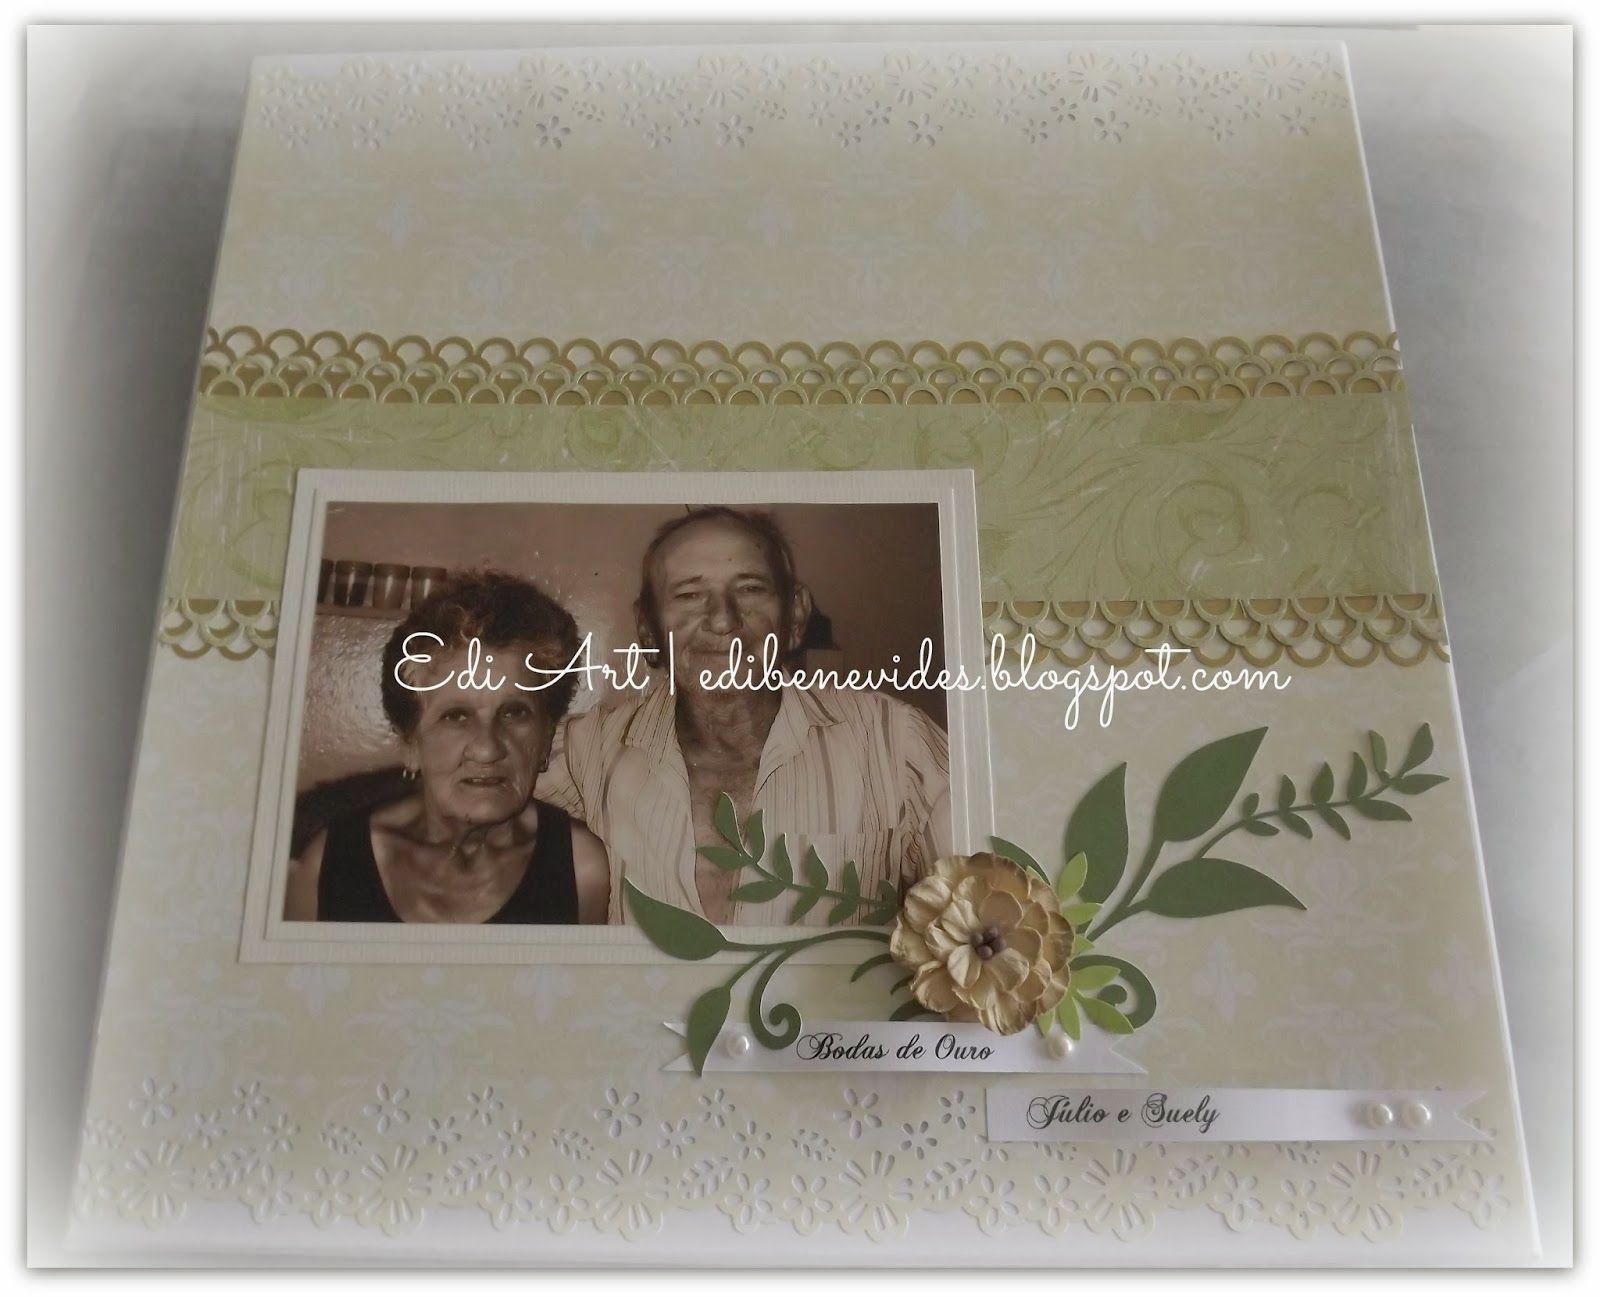 Edi Art: Livro de assinaturas Bodas de Ouro